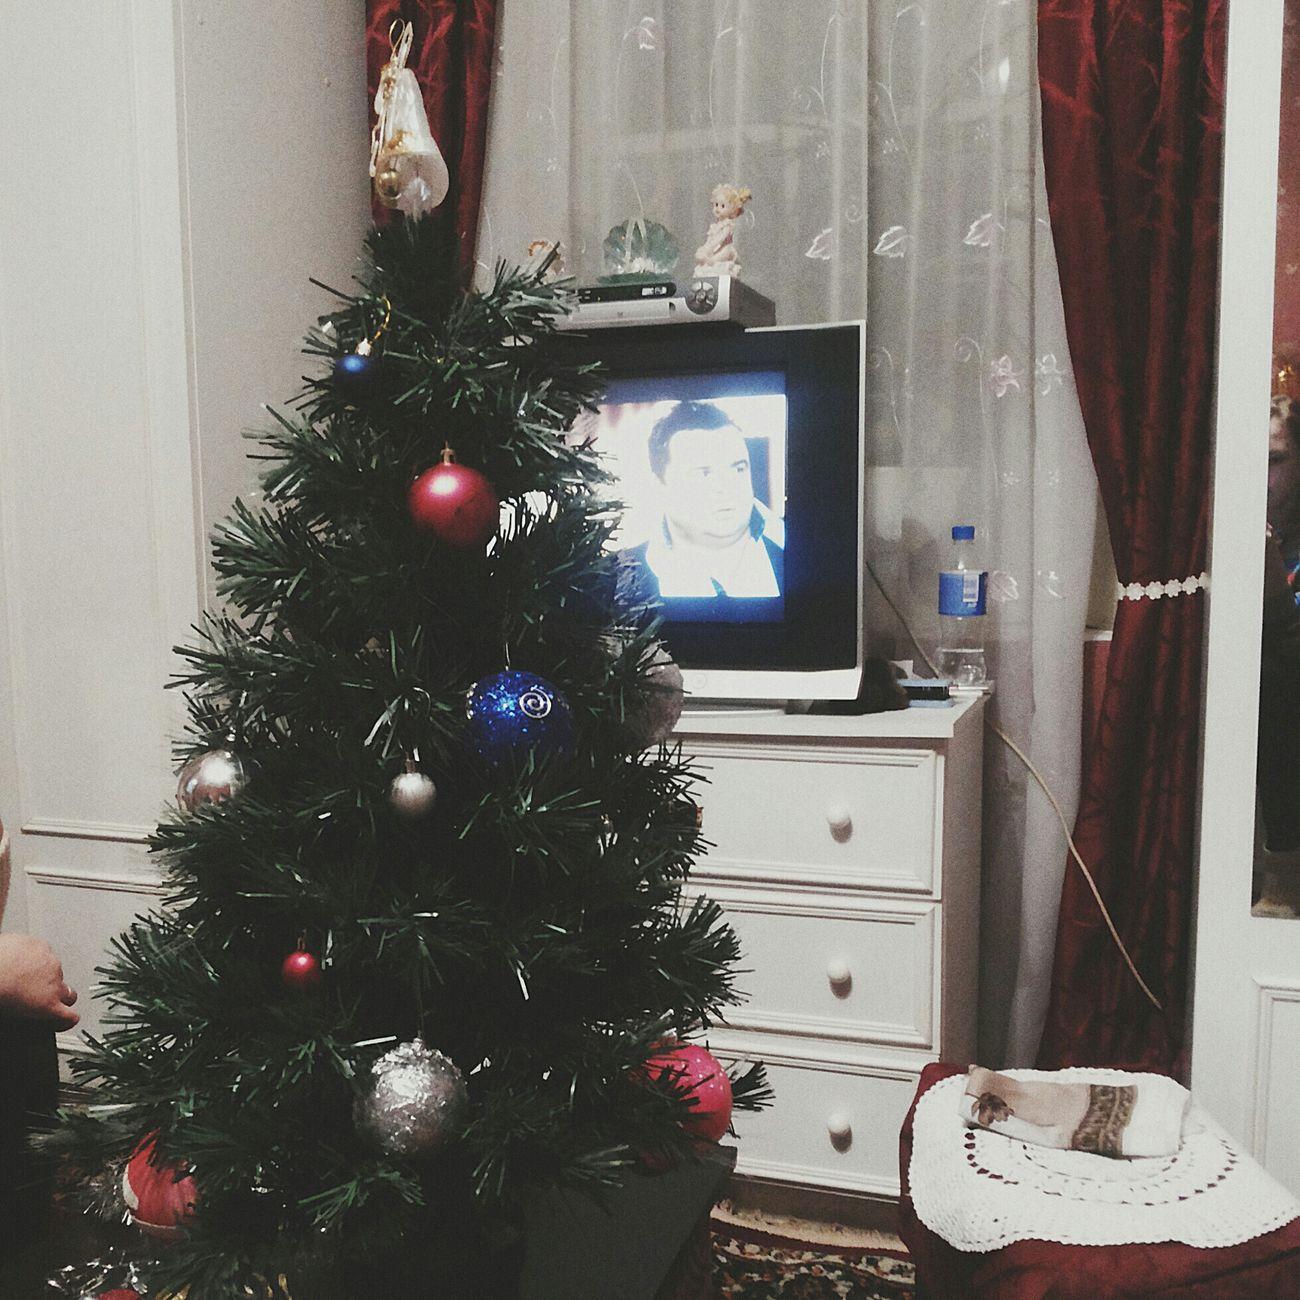 К Рождеству и Новому Году готовы!!! ??? New Year новый год 2015 рождество праздник подготовка 2015  елочка